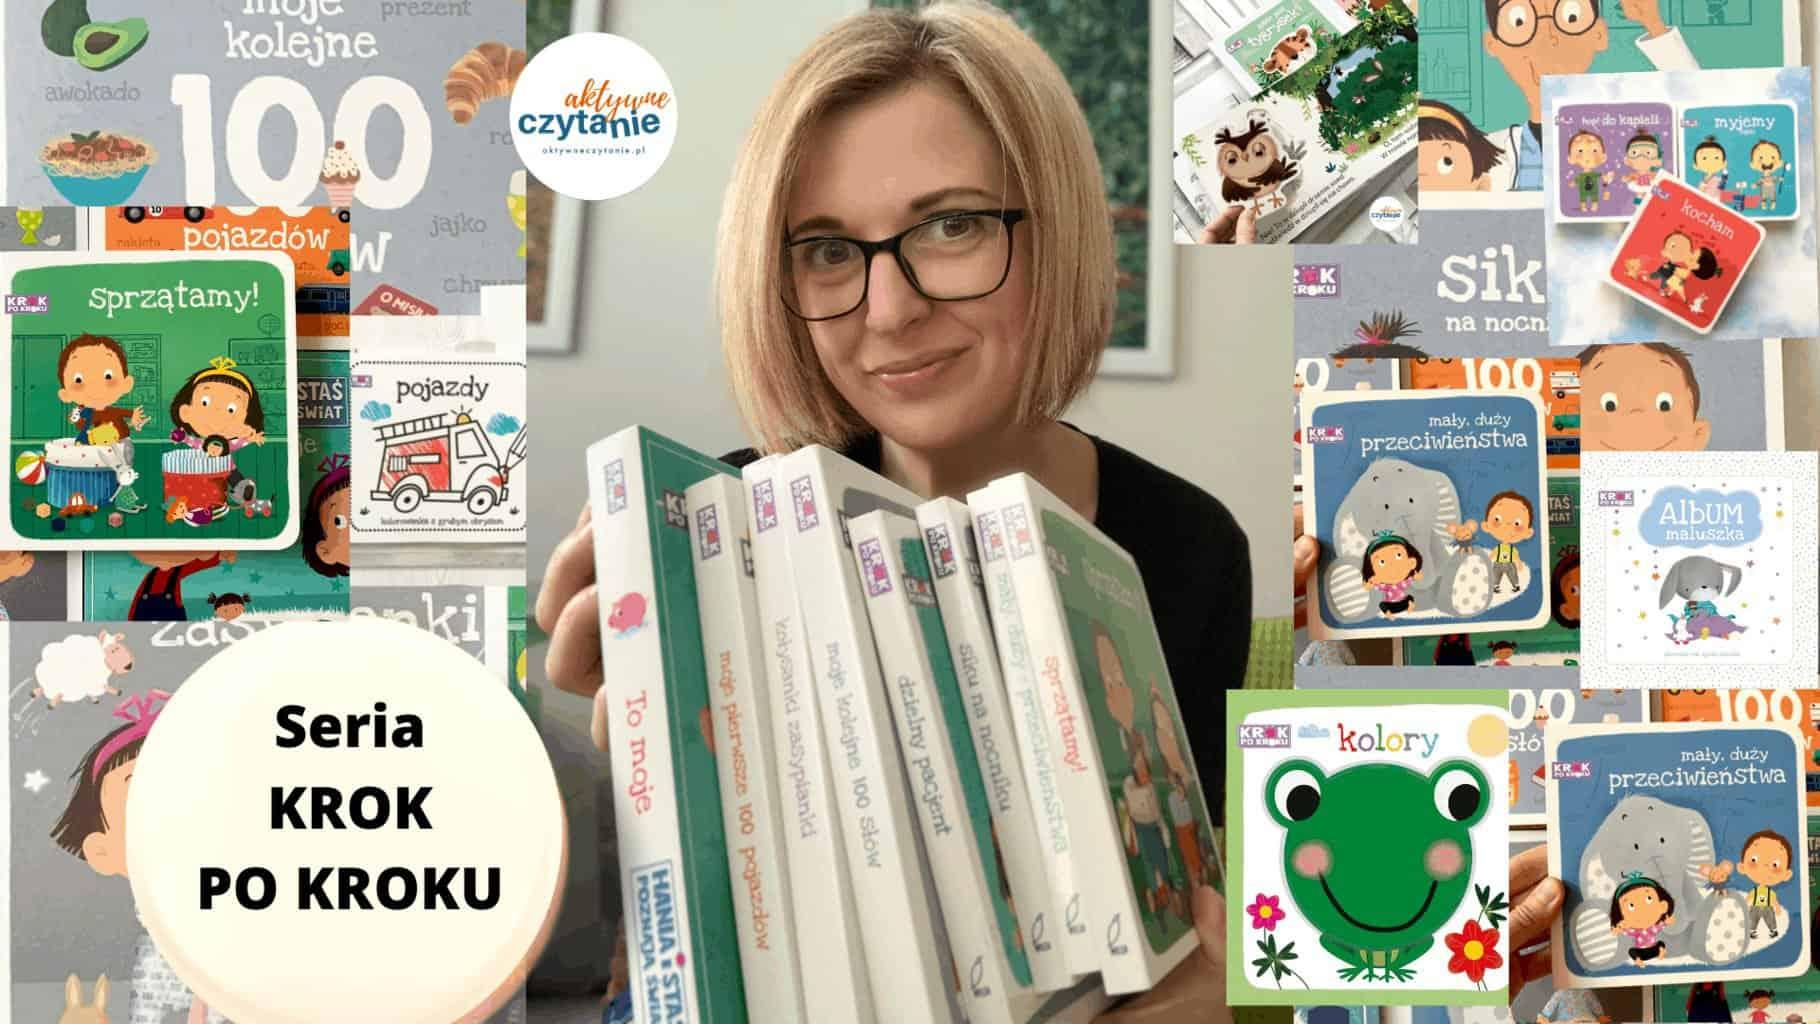 seria krok pokroku recenzja kolejnosc ksiazki dla dzieci pierwsze ksiazeczki